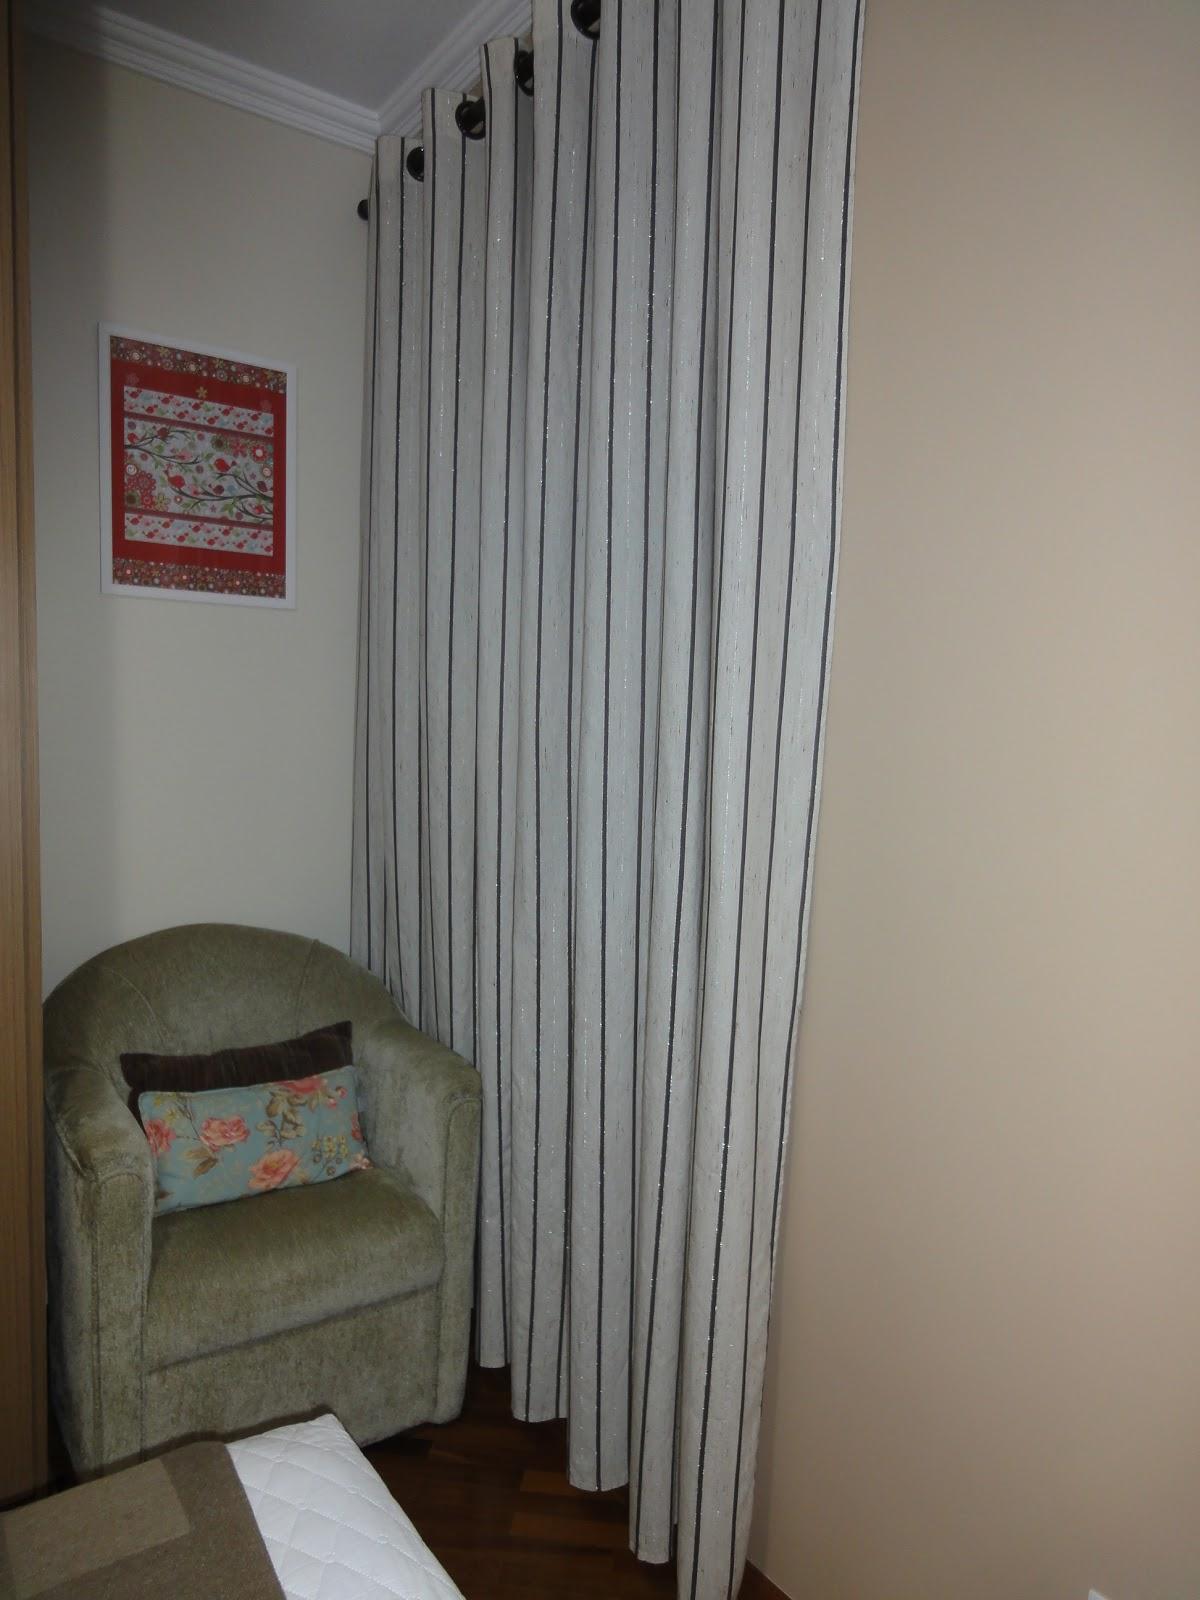 Minha Casa, Minha Vida Renovando as cortinas